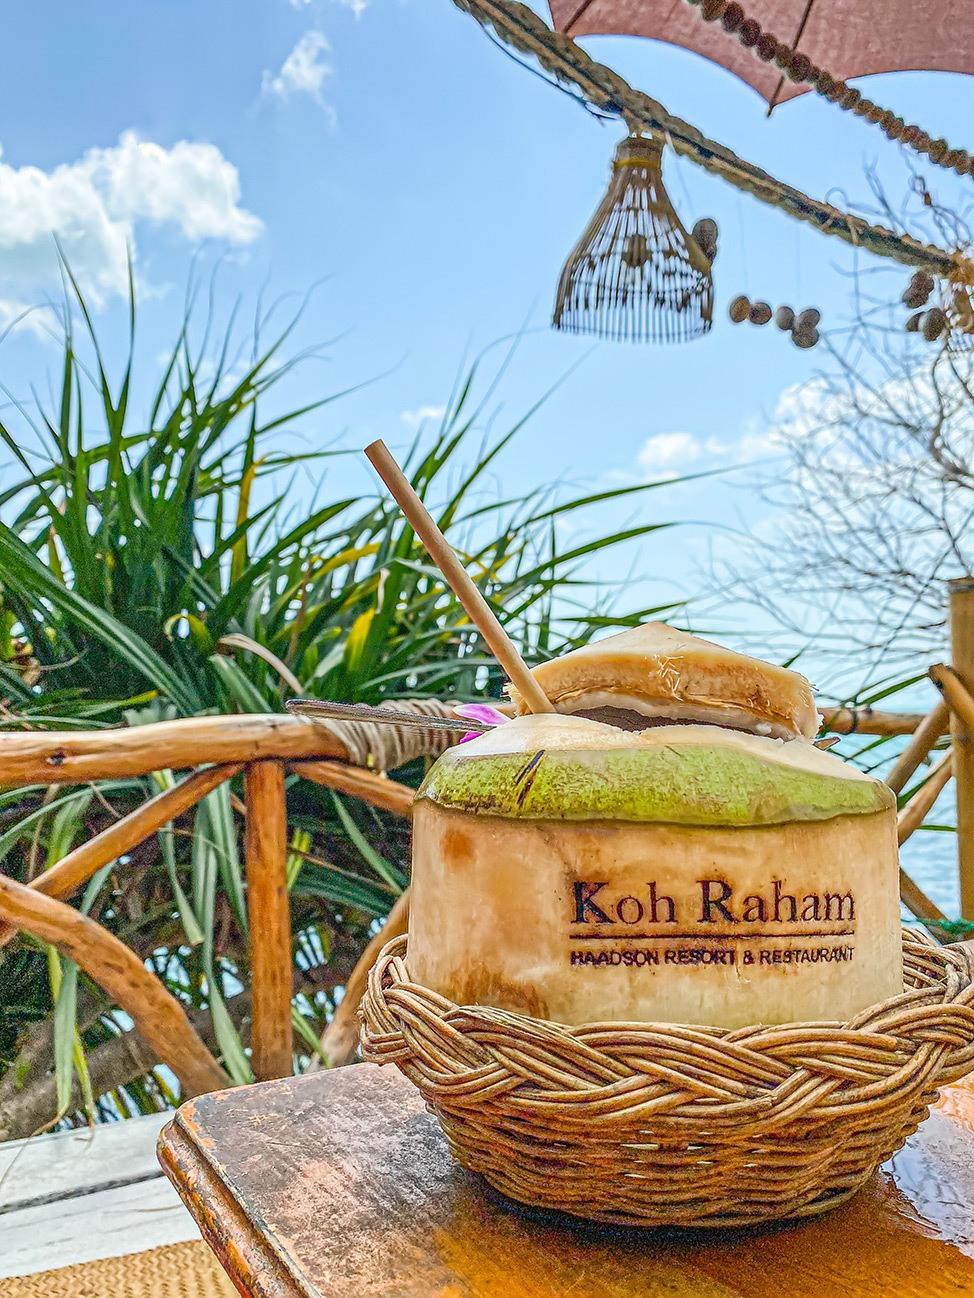 Koh Raham Restaurant, Koh Phangan